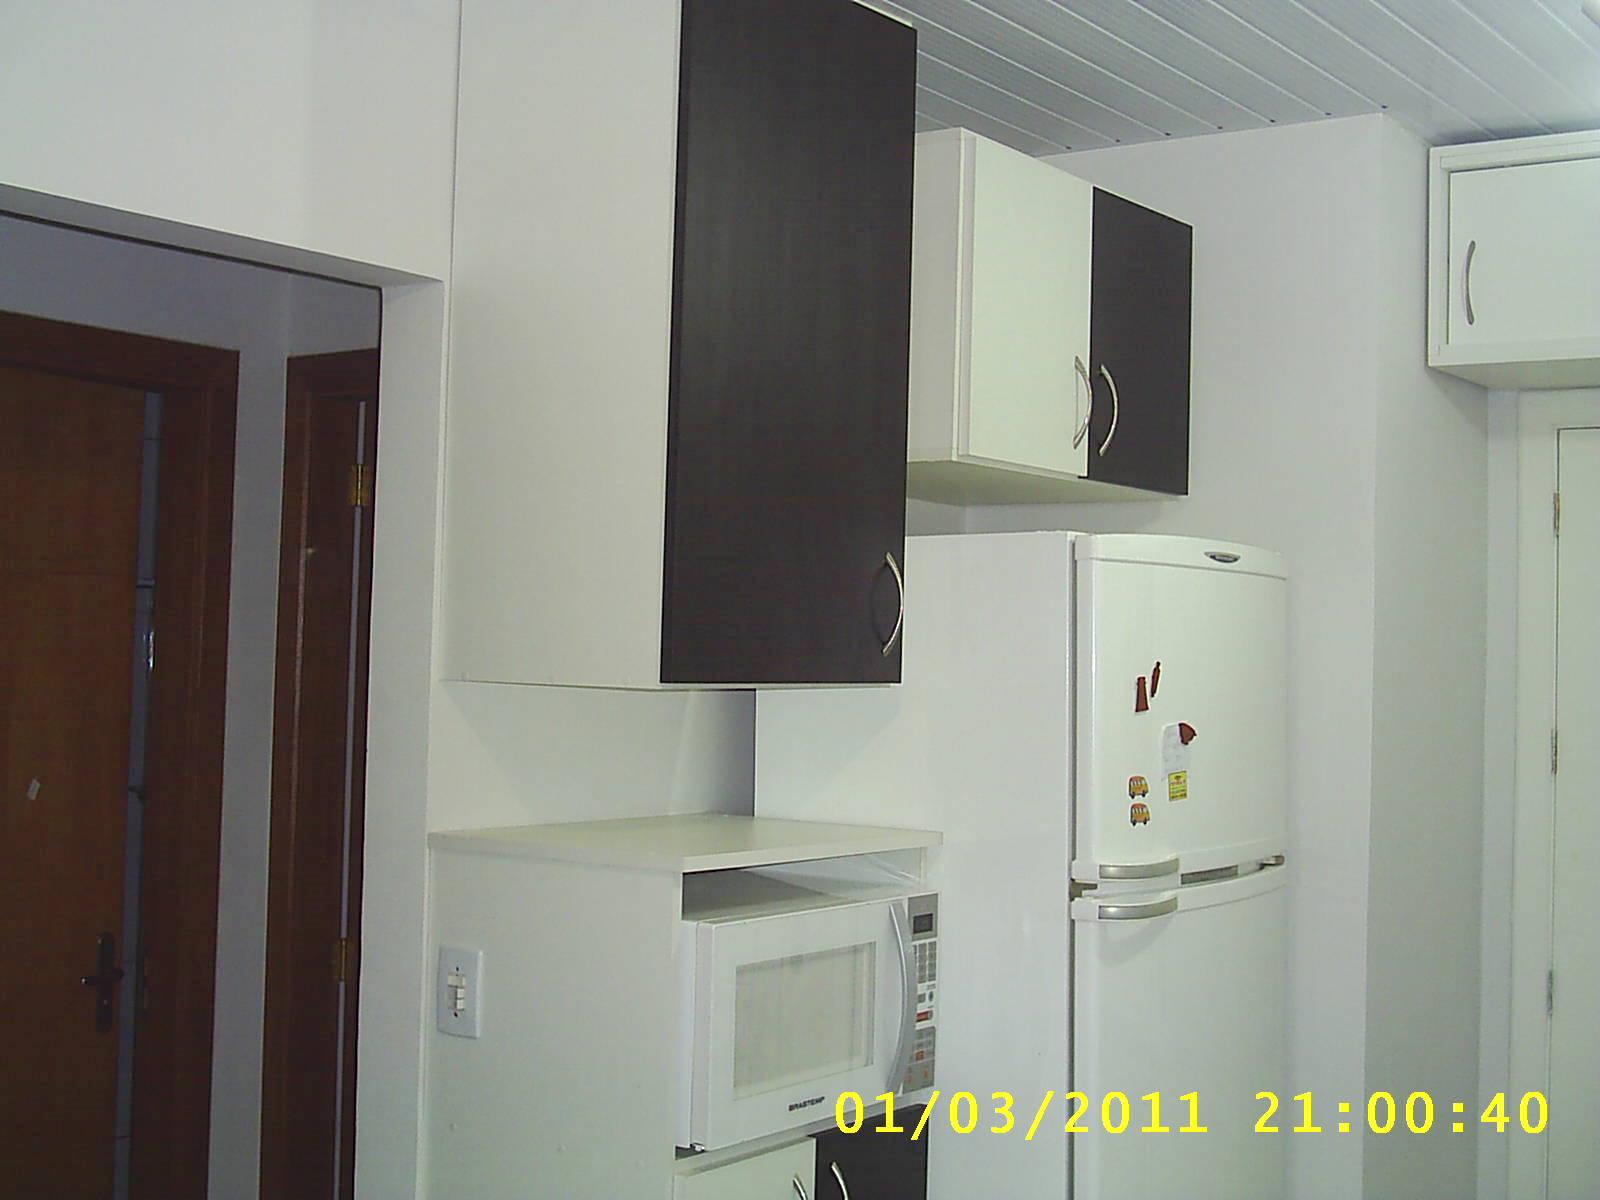 PLANEJADOS) ZONA SUL EM PORTO ALEGRE: Cozinha em MDF Branco com Preto #B8B912 1600 1200